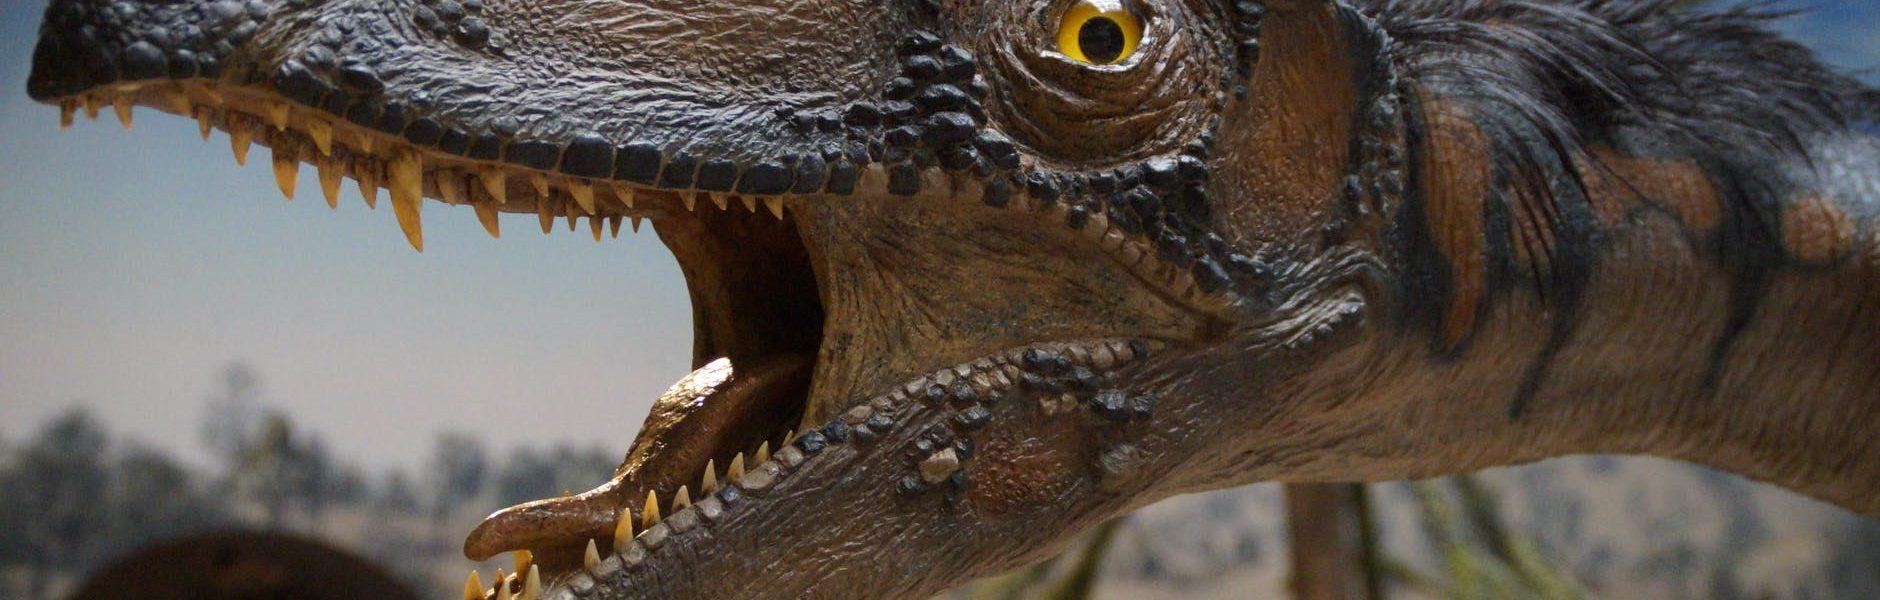 czy dinozaury istniały